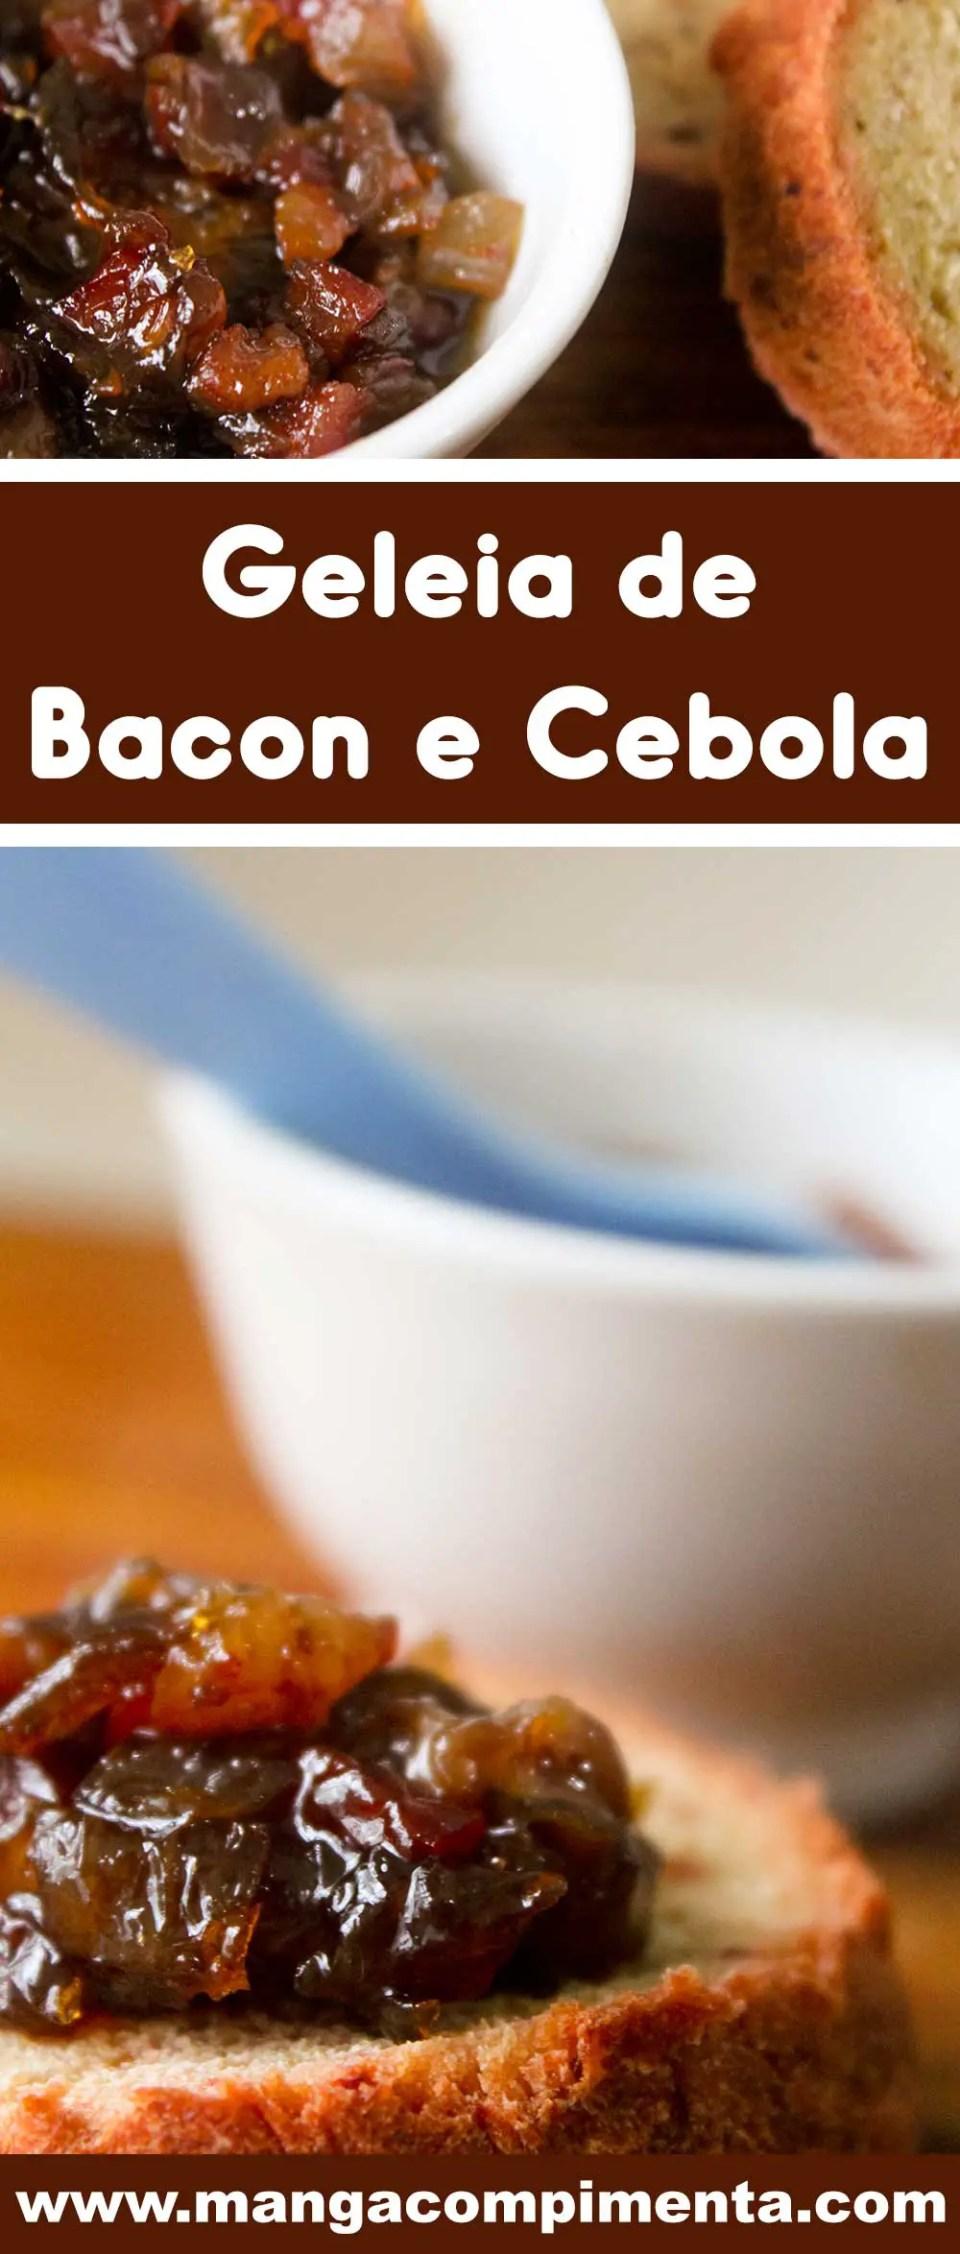 Receita de Geleia de Bacon com Cebola - um prato americano totalmente diferente e delicioso para preparar em casa!